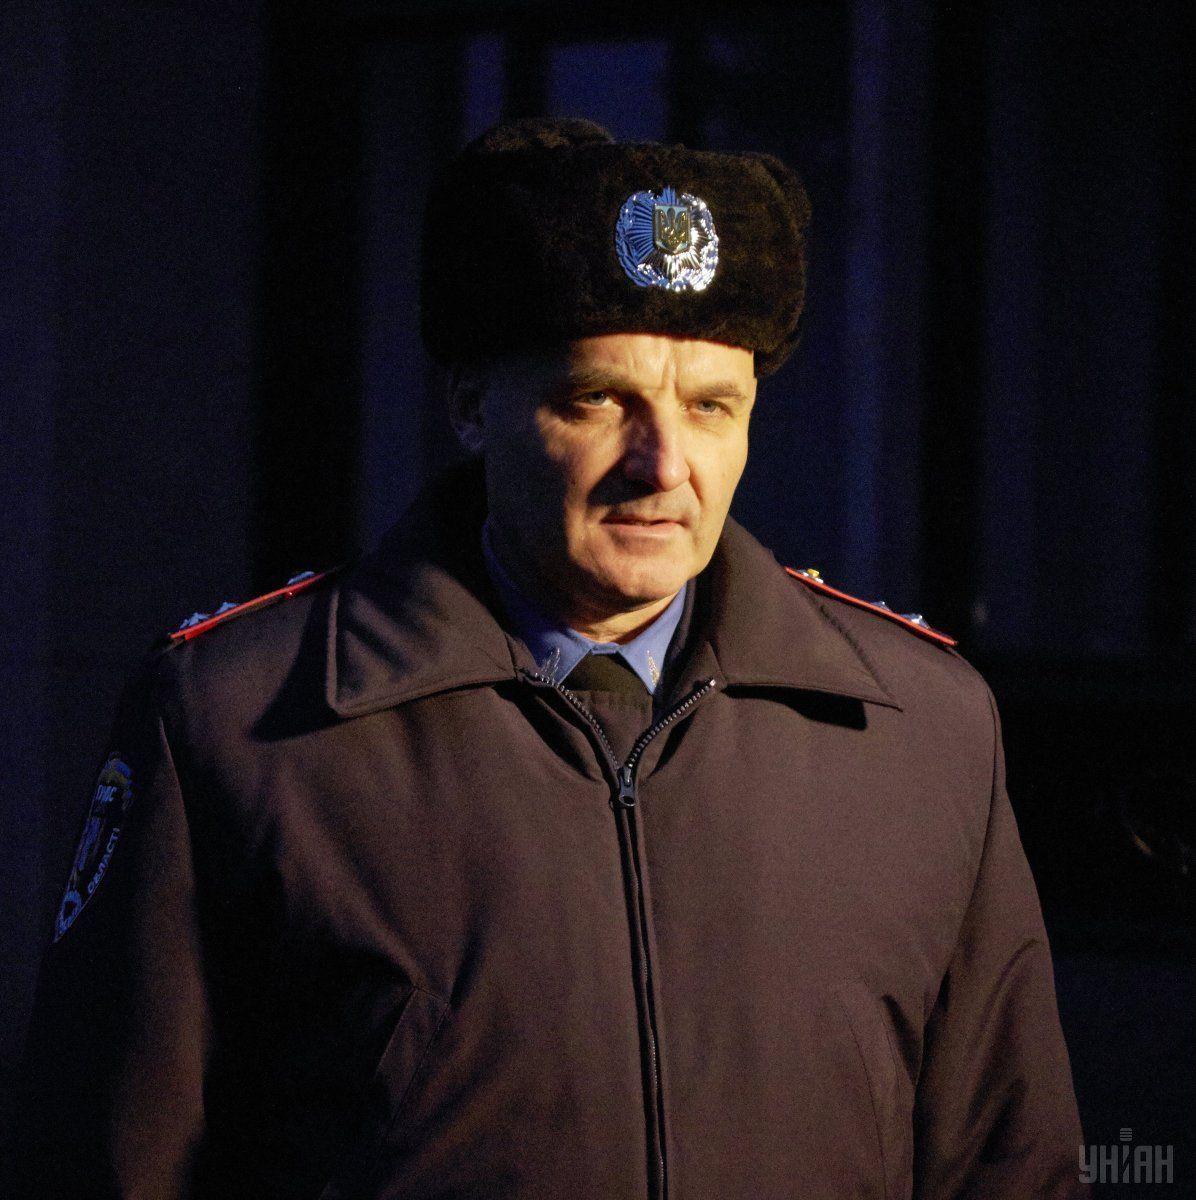 Валерия Лютого «секретно» назначили управляющим милиции Черкасщины, невзирая напротесты